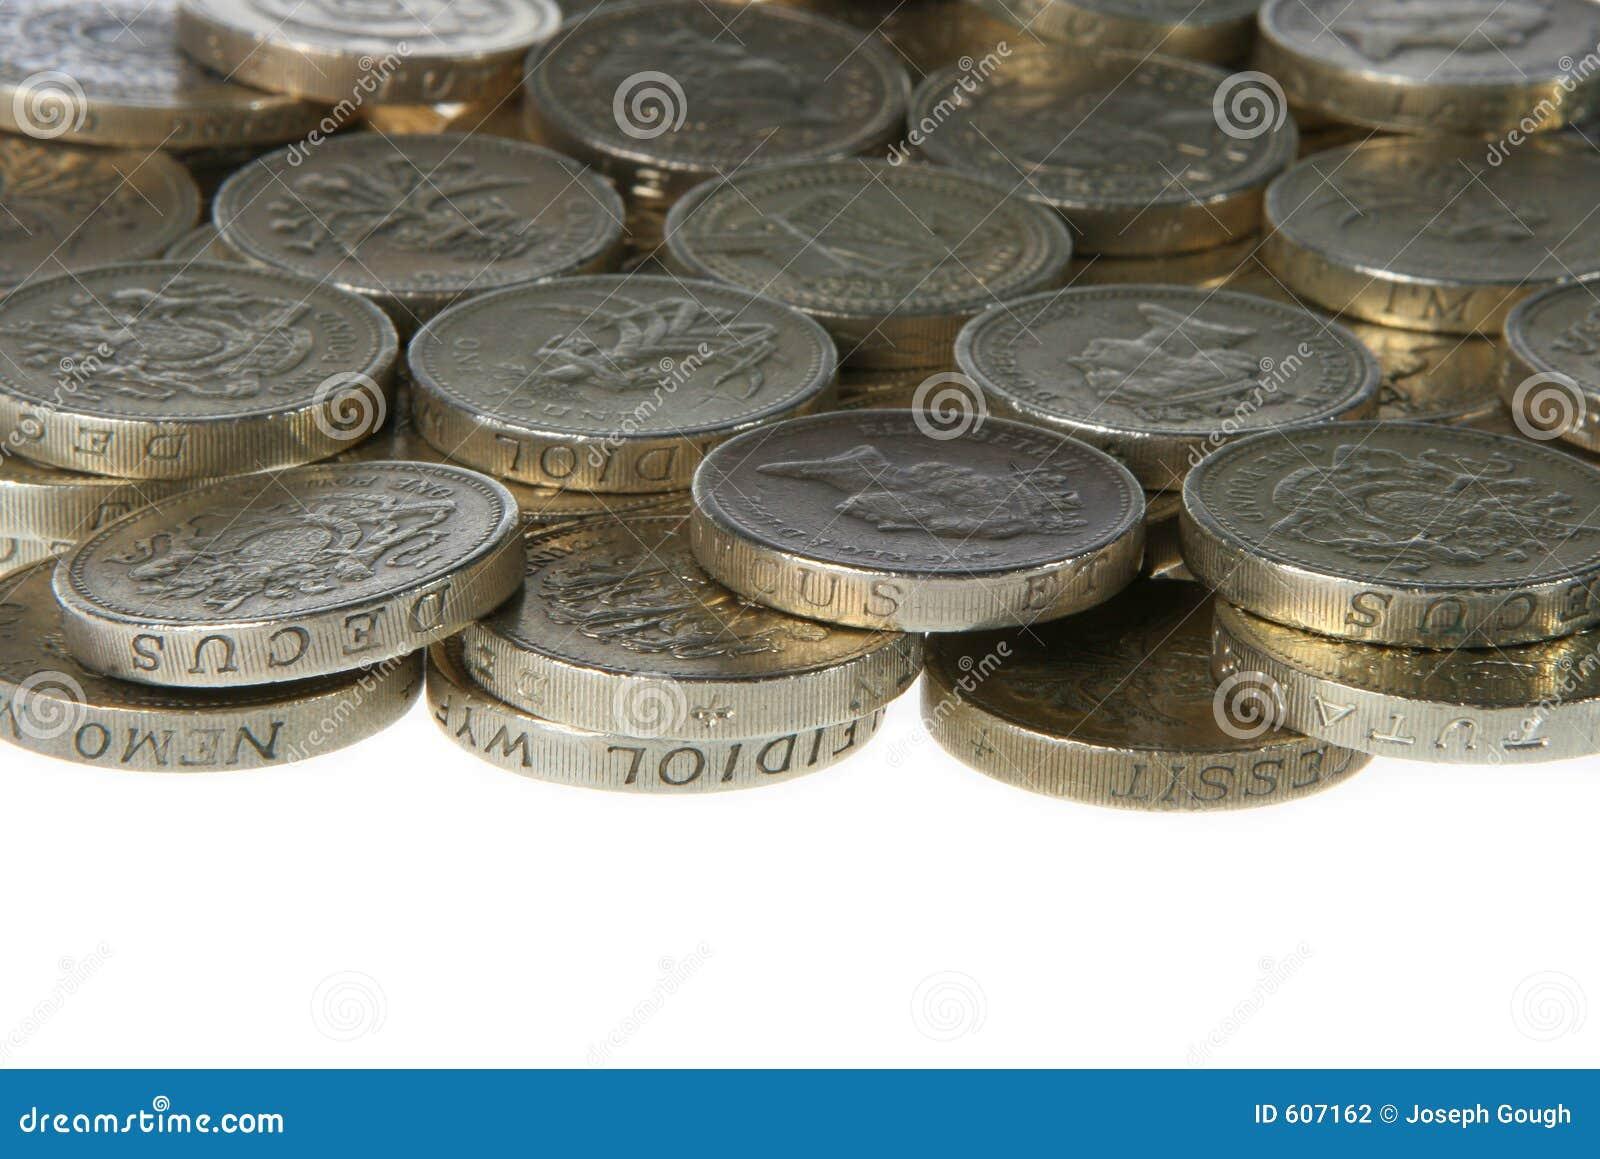 Libras británicas